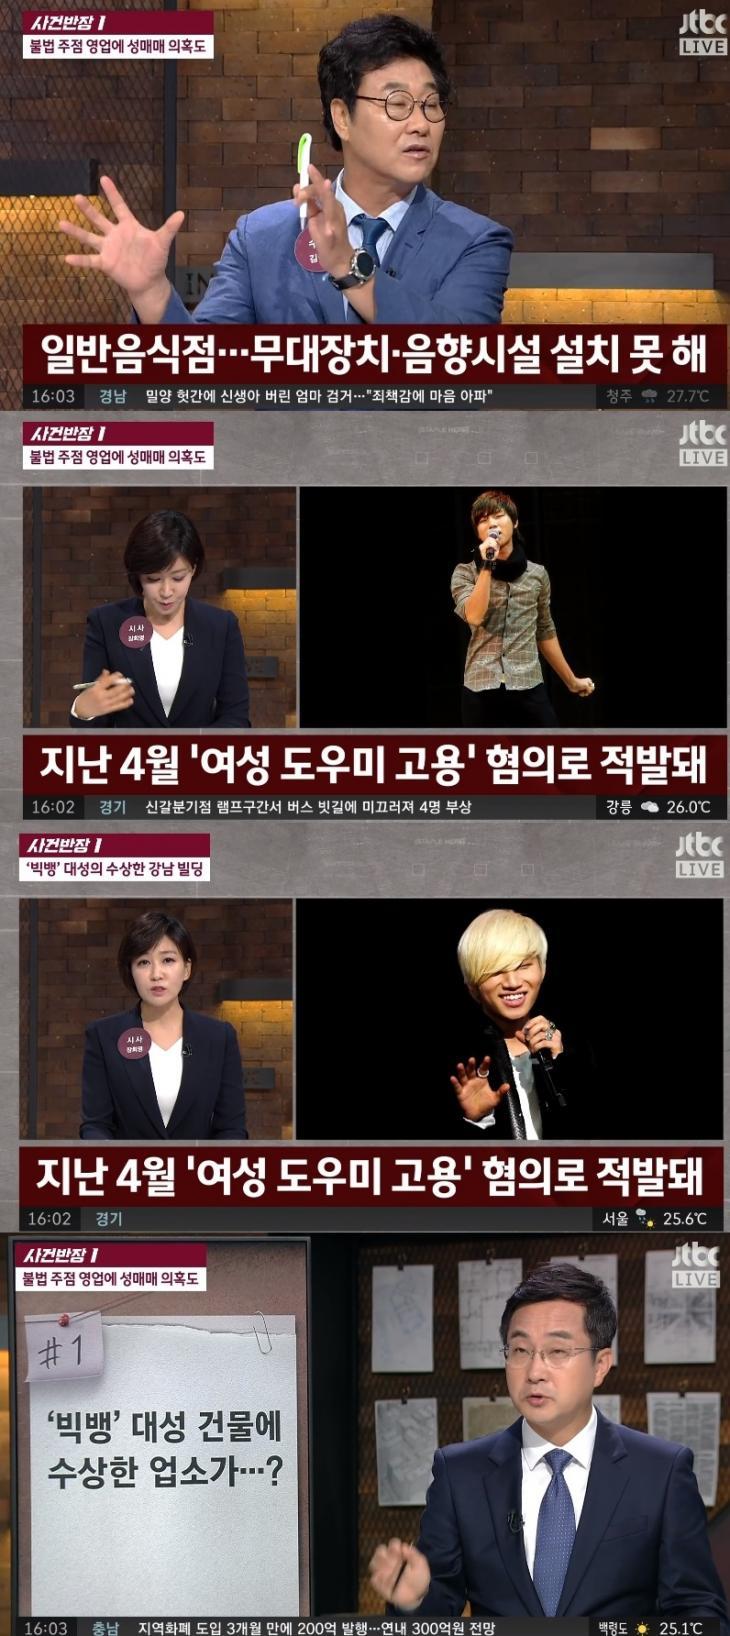 사건반장 김복준 장희영 / JTBC 사건반장 캡처